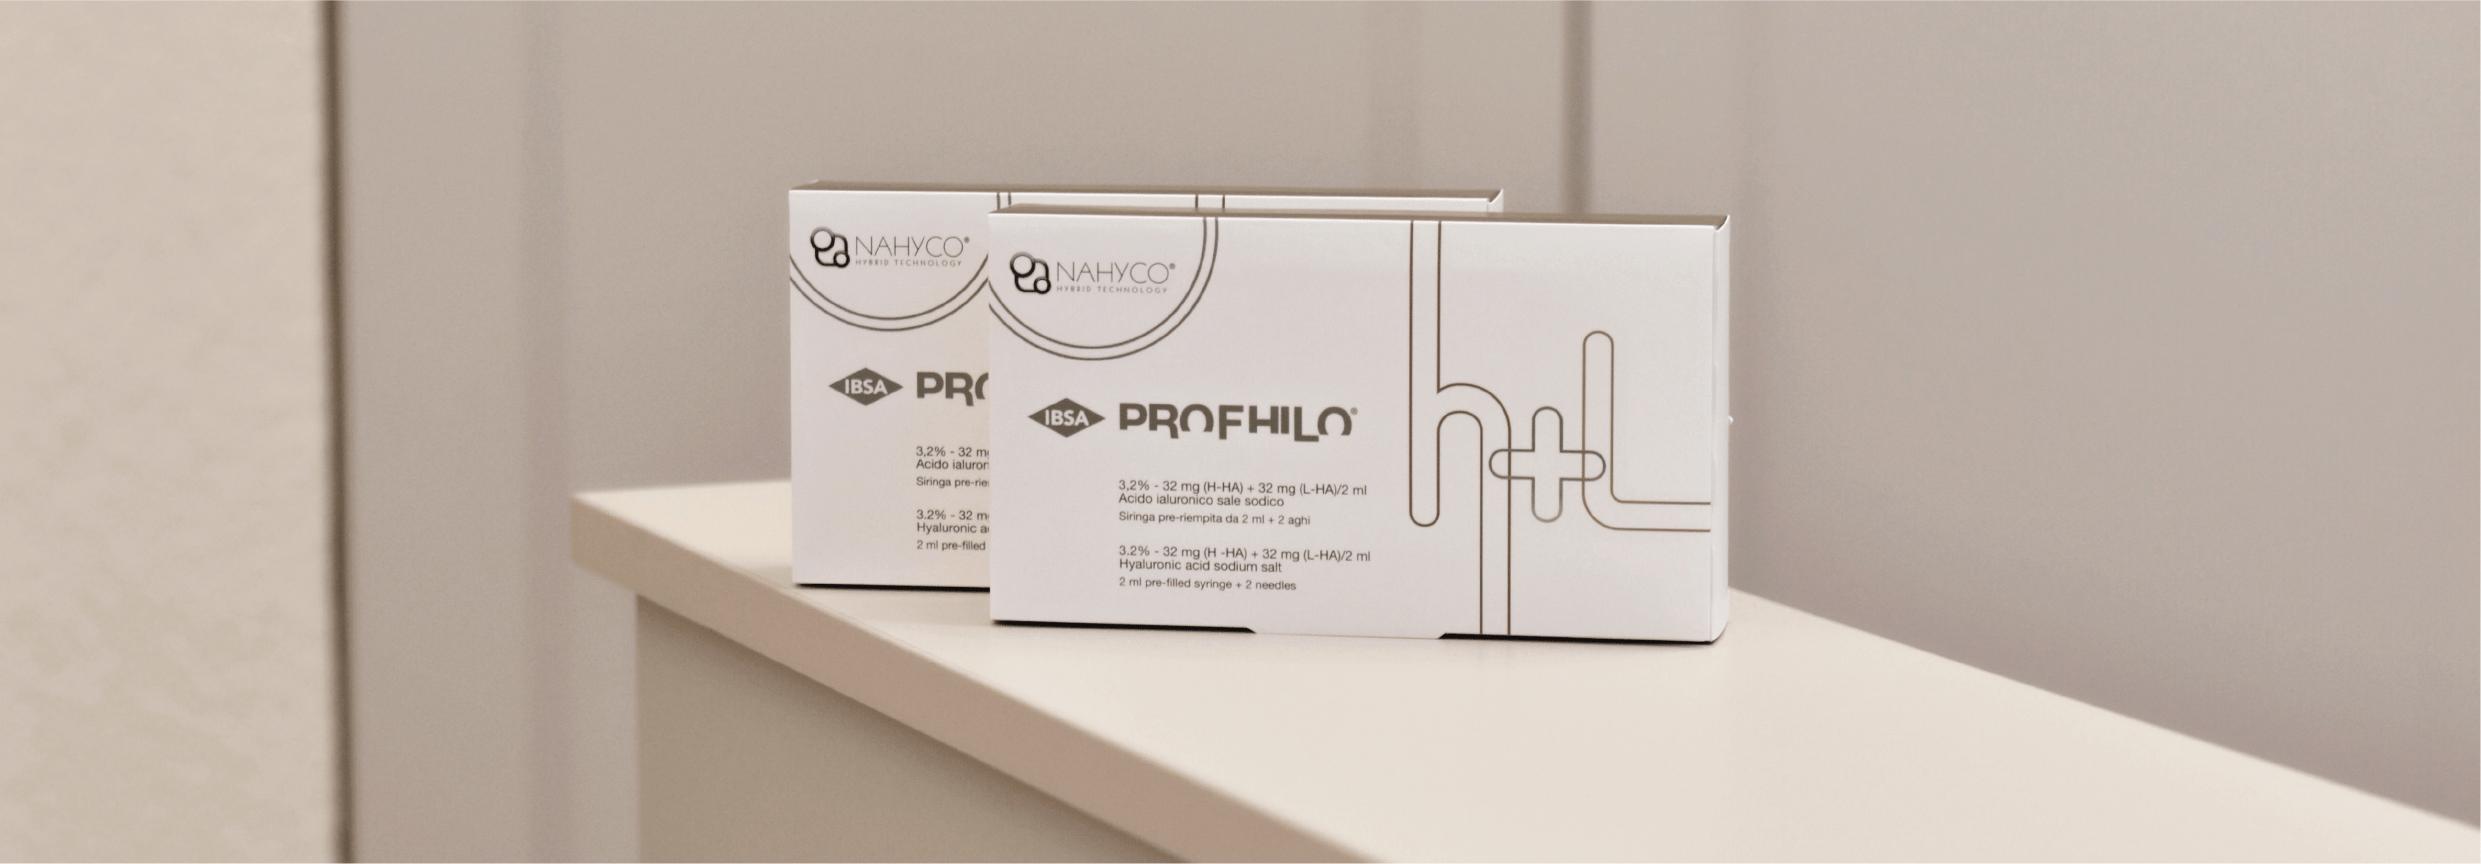 PROFHILO® 5 Bioestetinių taškų injekcijos